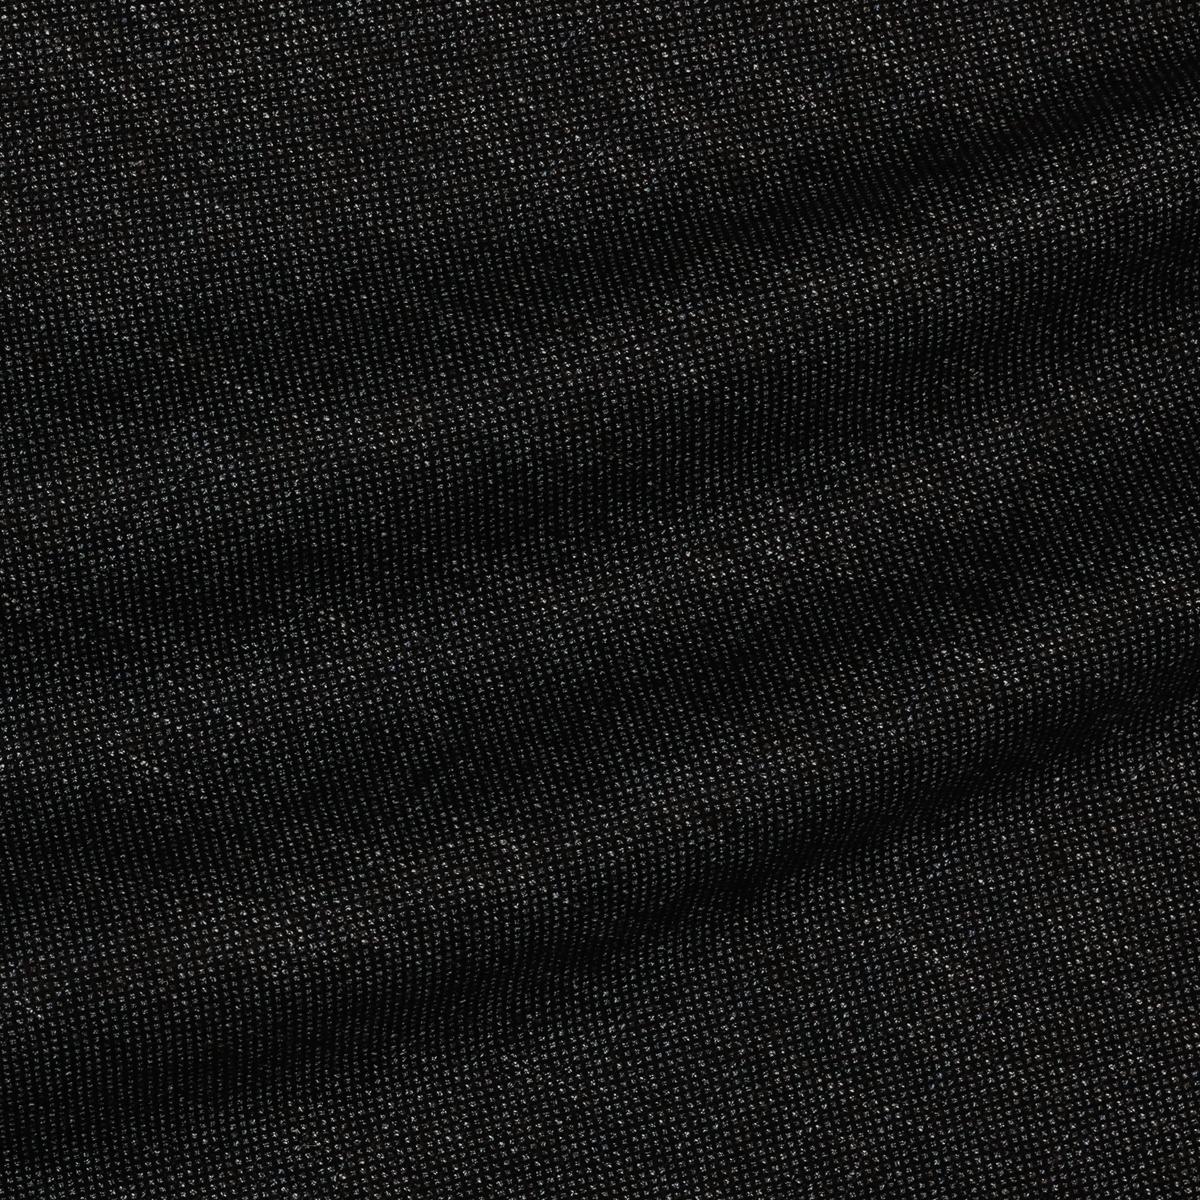 Чистошерстяная костюмная ткань в мелкую точку